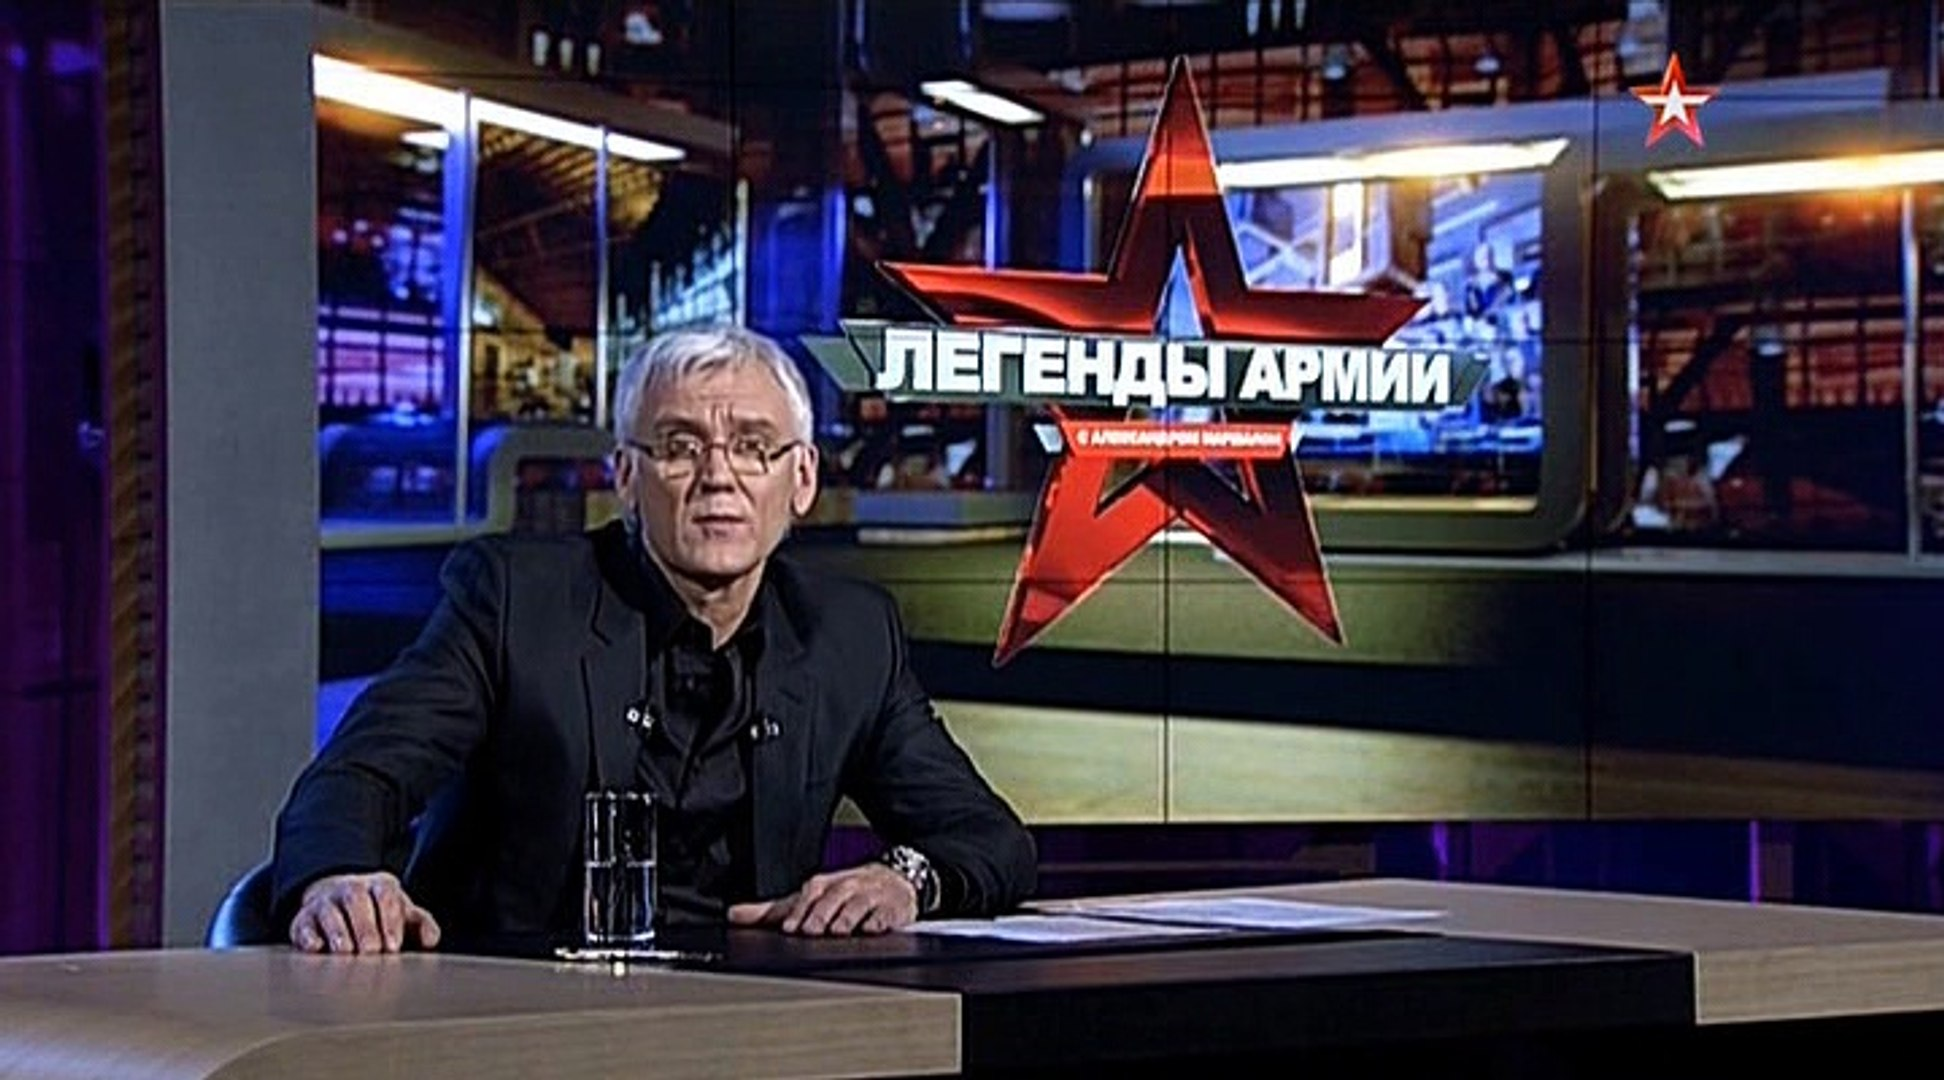 Легенды армии. Иван Черняховский. 2016